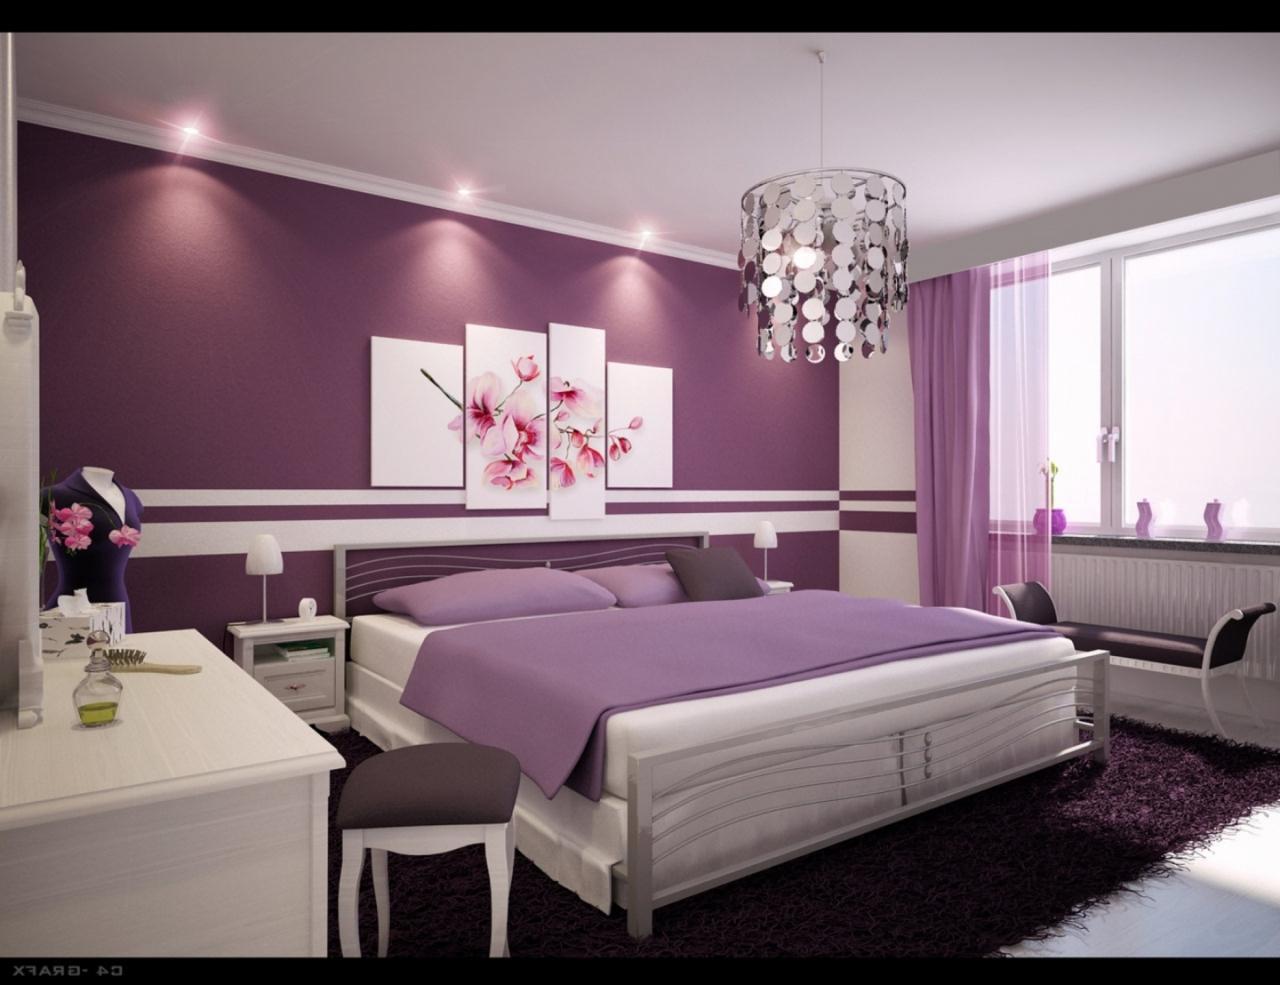 صورة غرف نوم باللون البنفسجي , اشكال موديلات غرف نوم باللون البنفسجي 12177 9